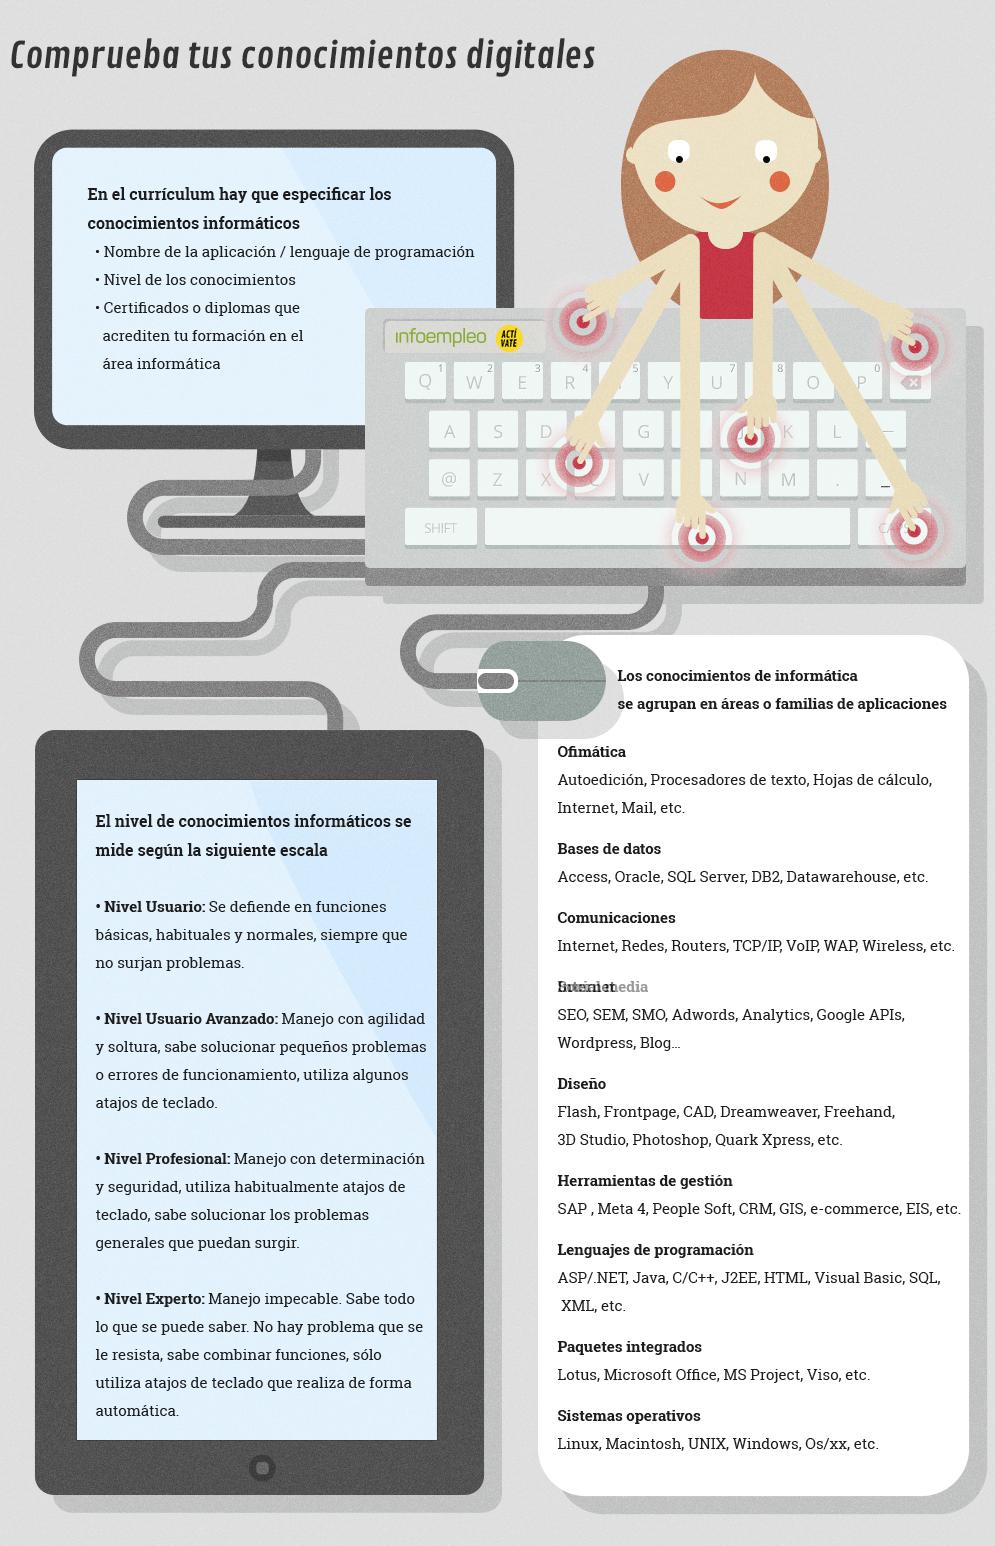 Infografía: Comprueba tus conocimientos digitales